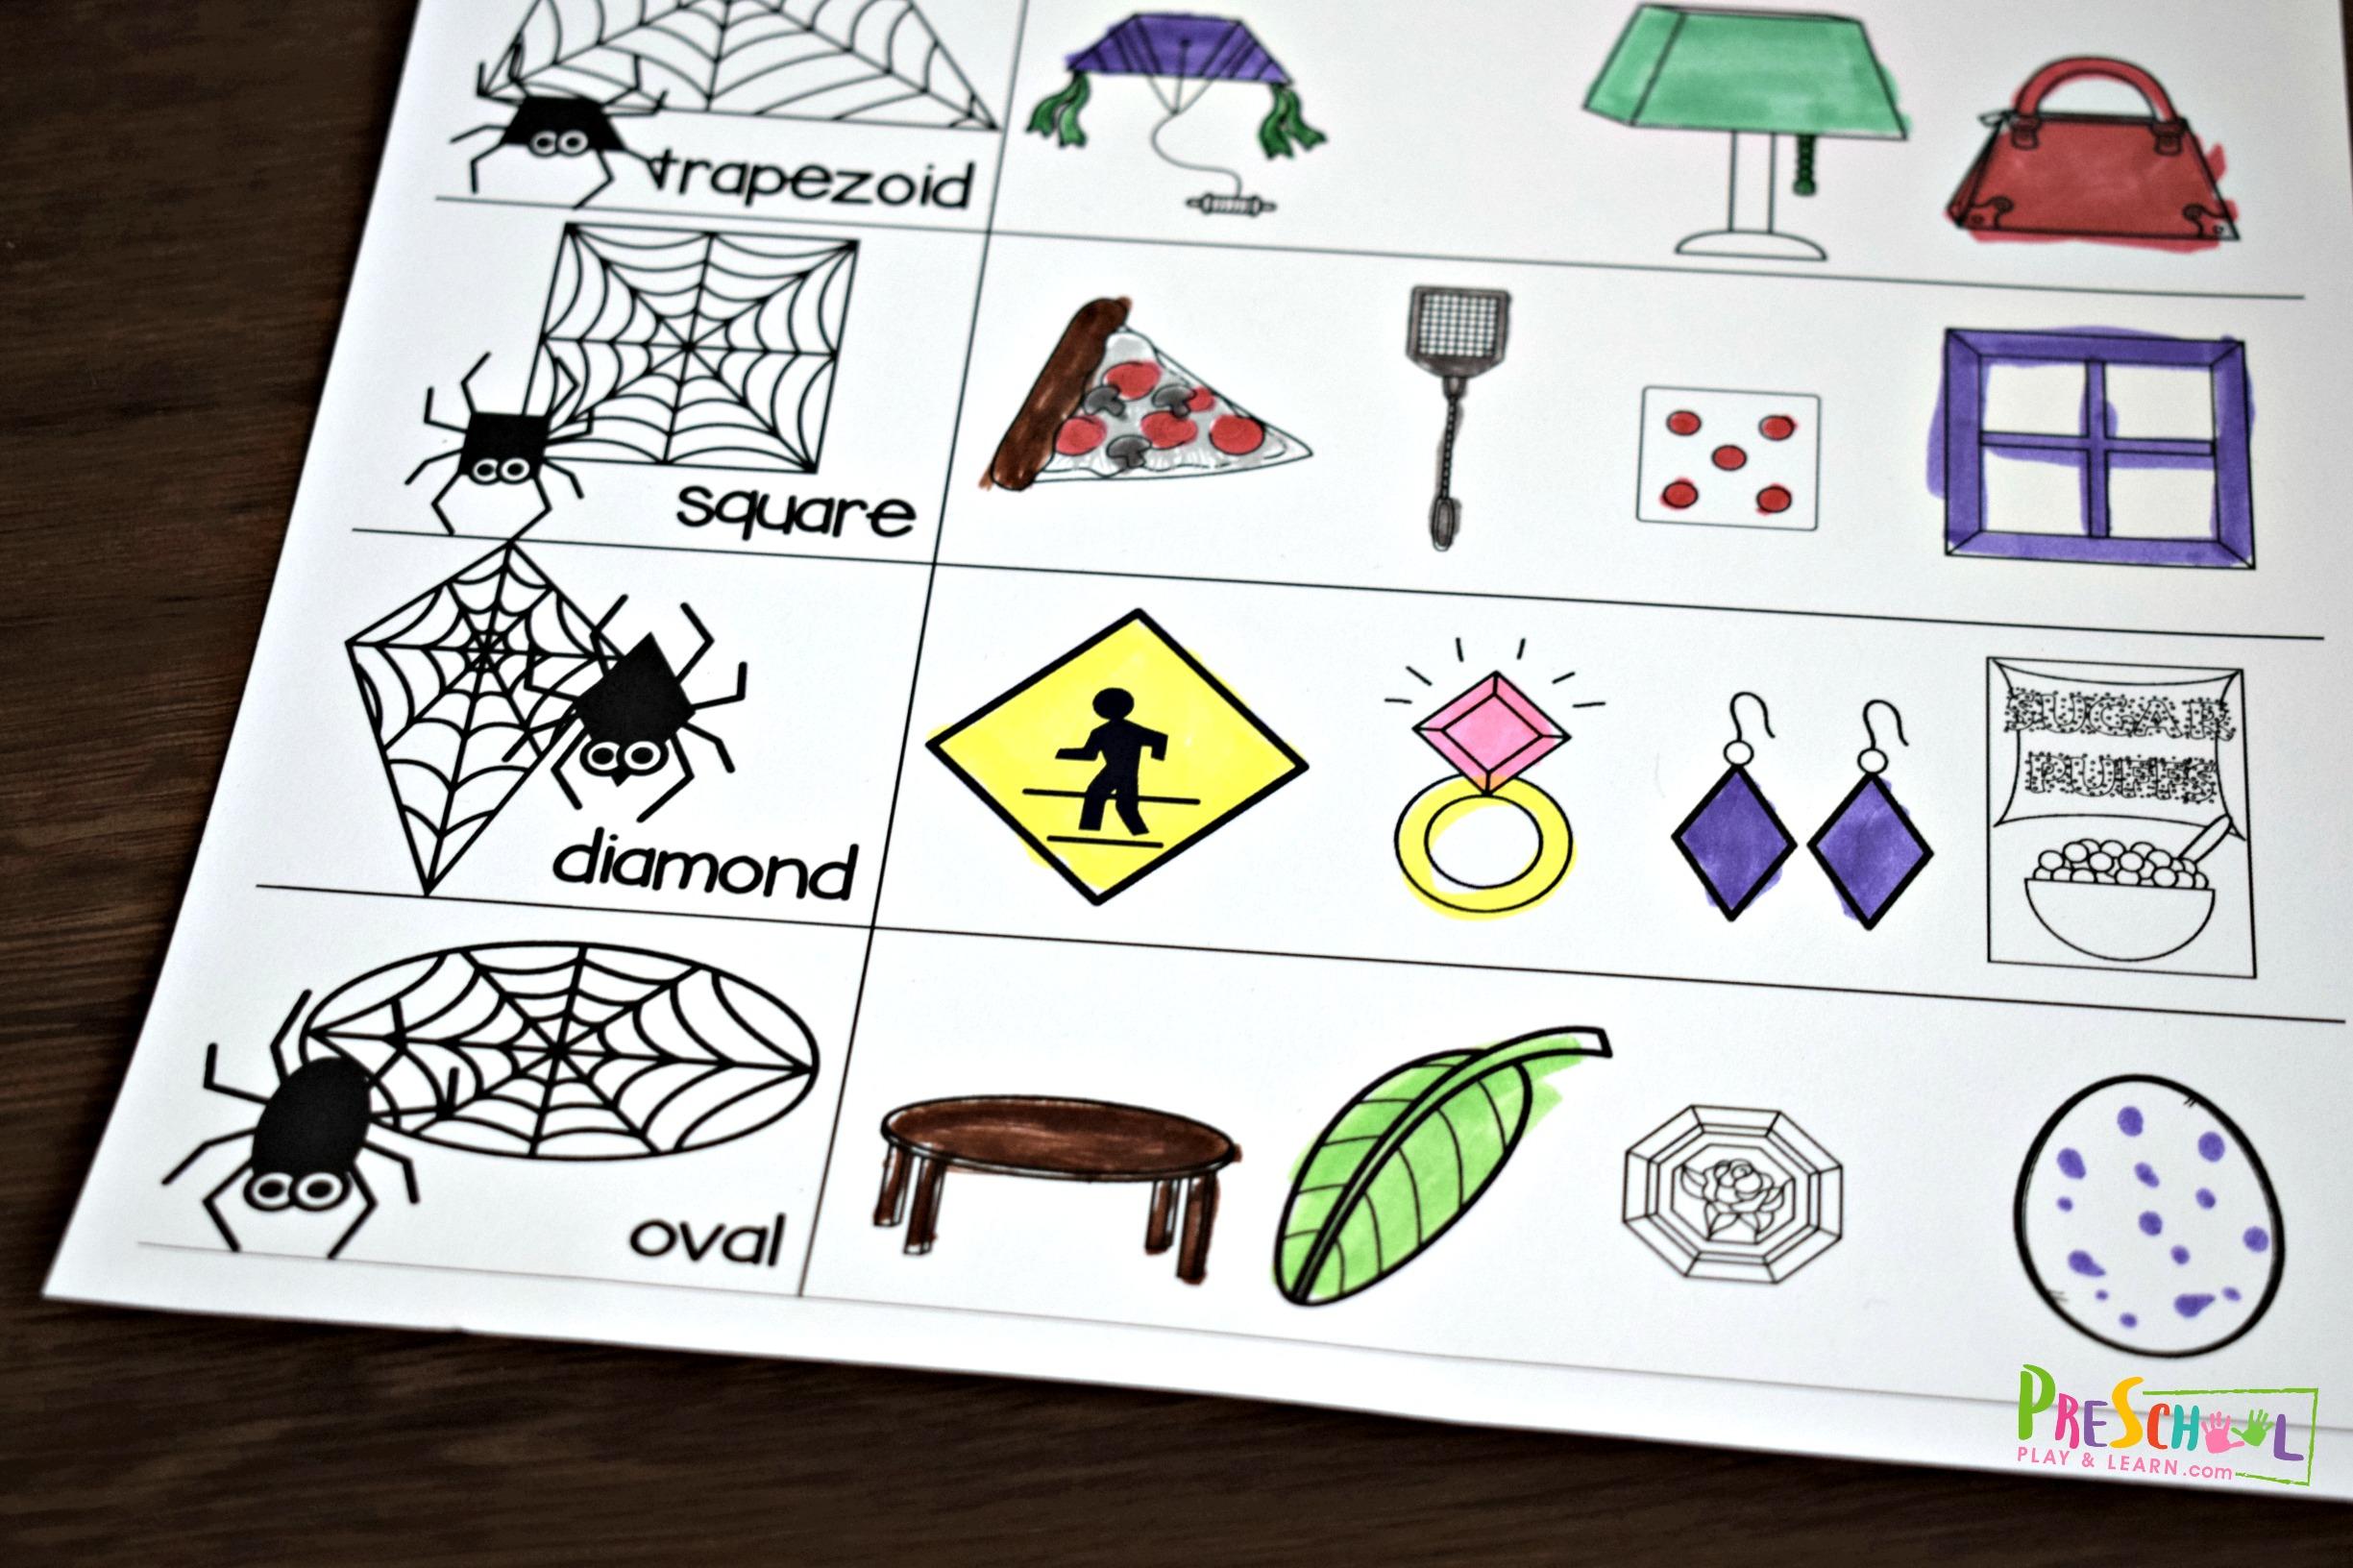 Spider Shapes Worksheets For Preschool